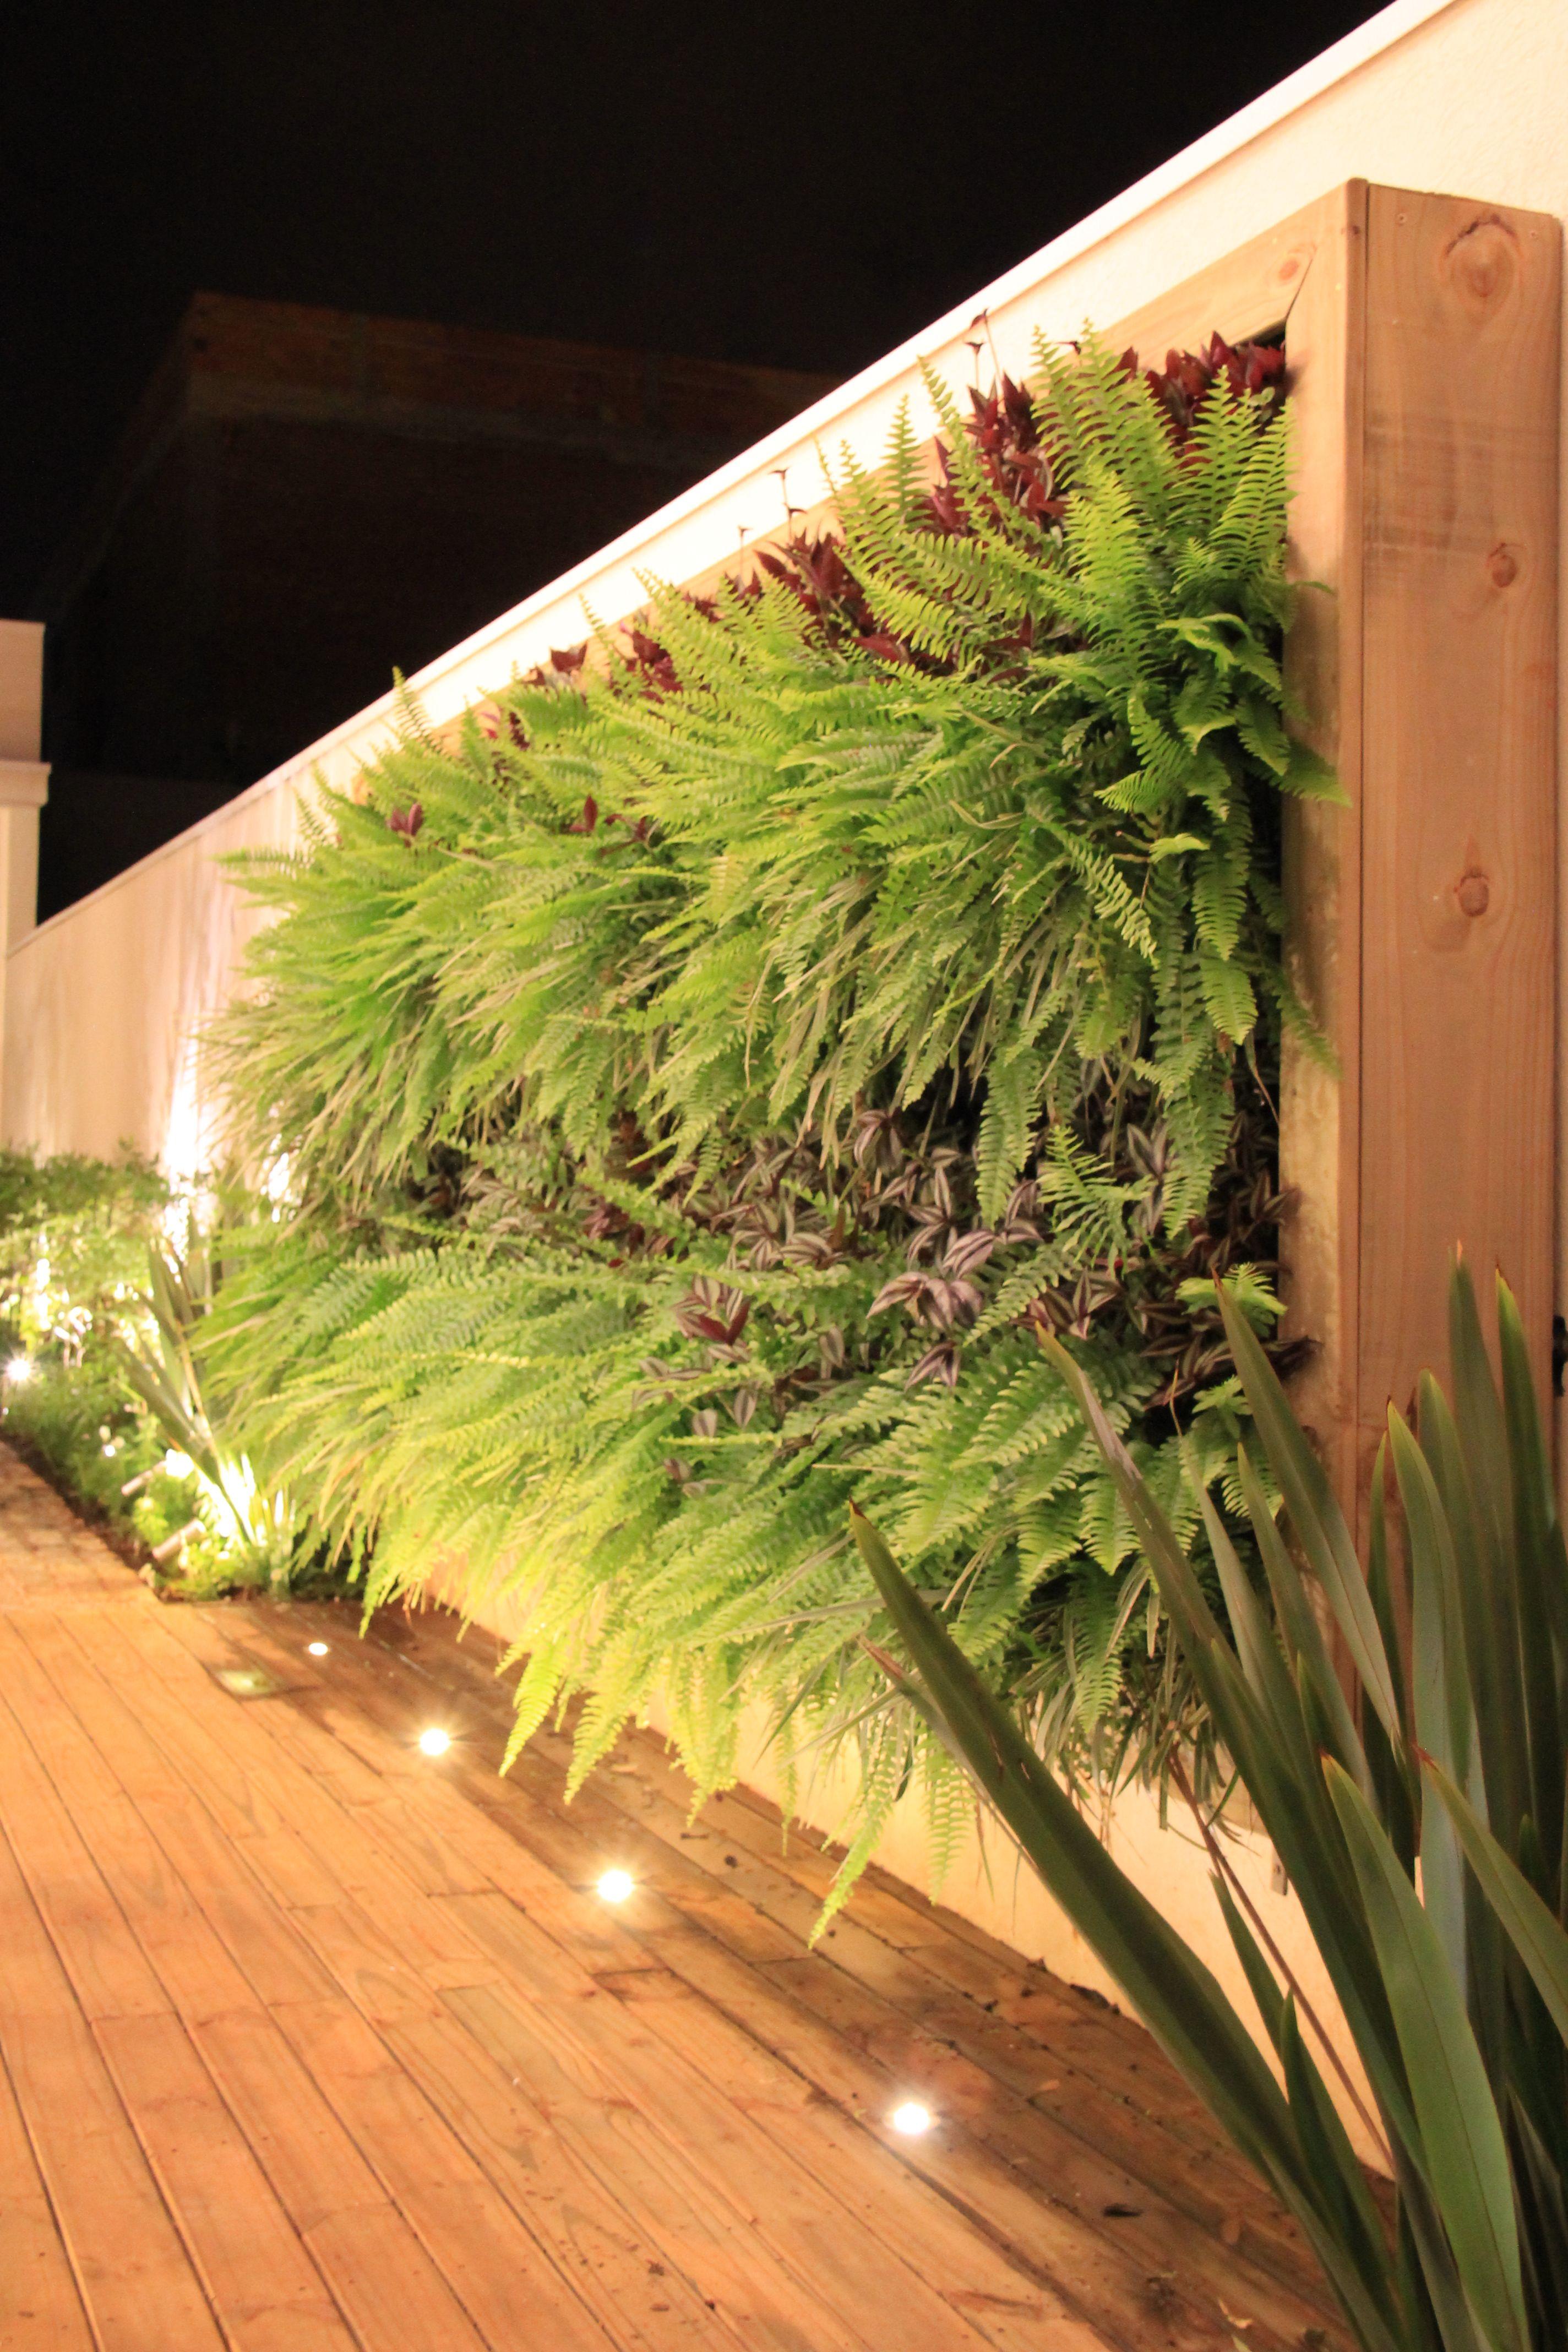 Jardins Verticais, muito bom para quem tem pouco espaço. … | Growing ...